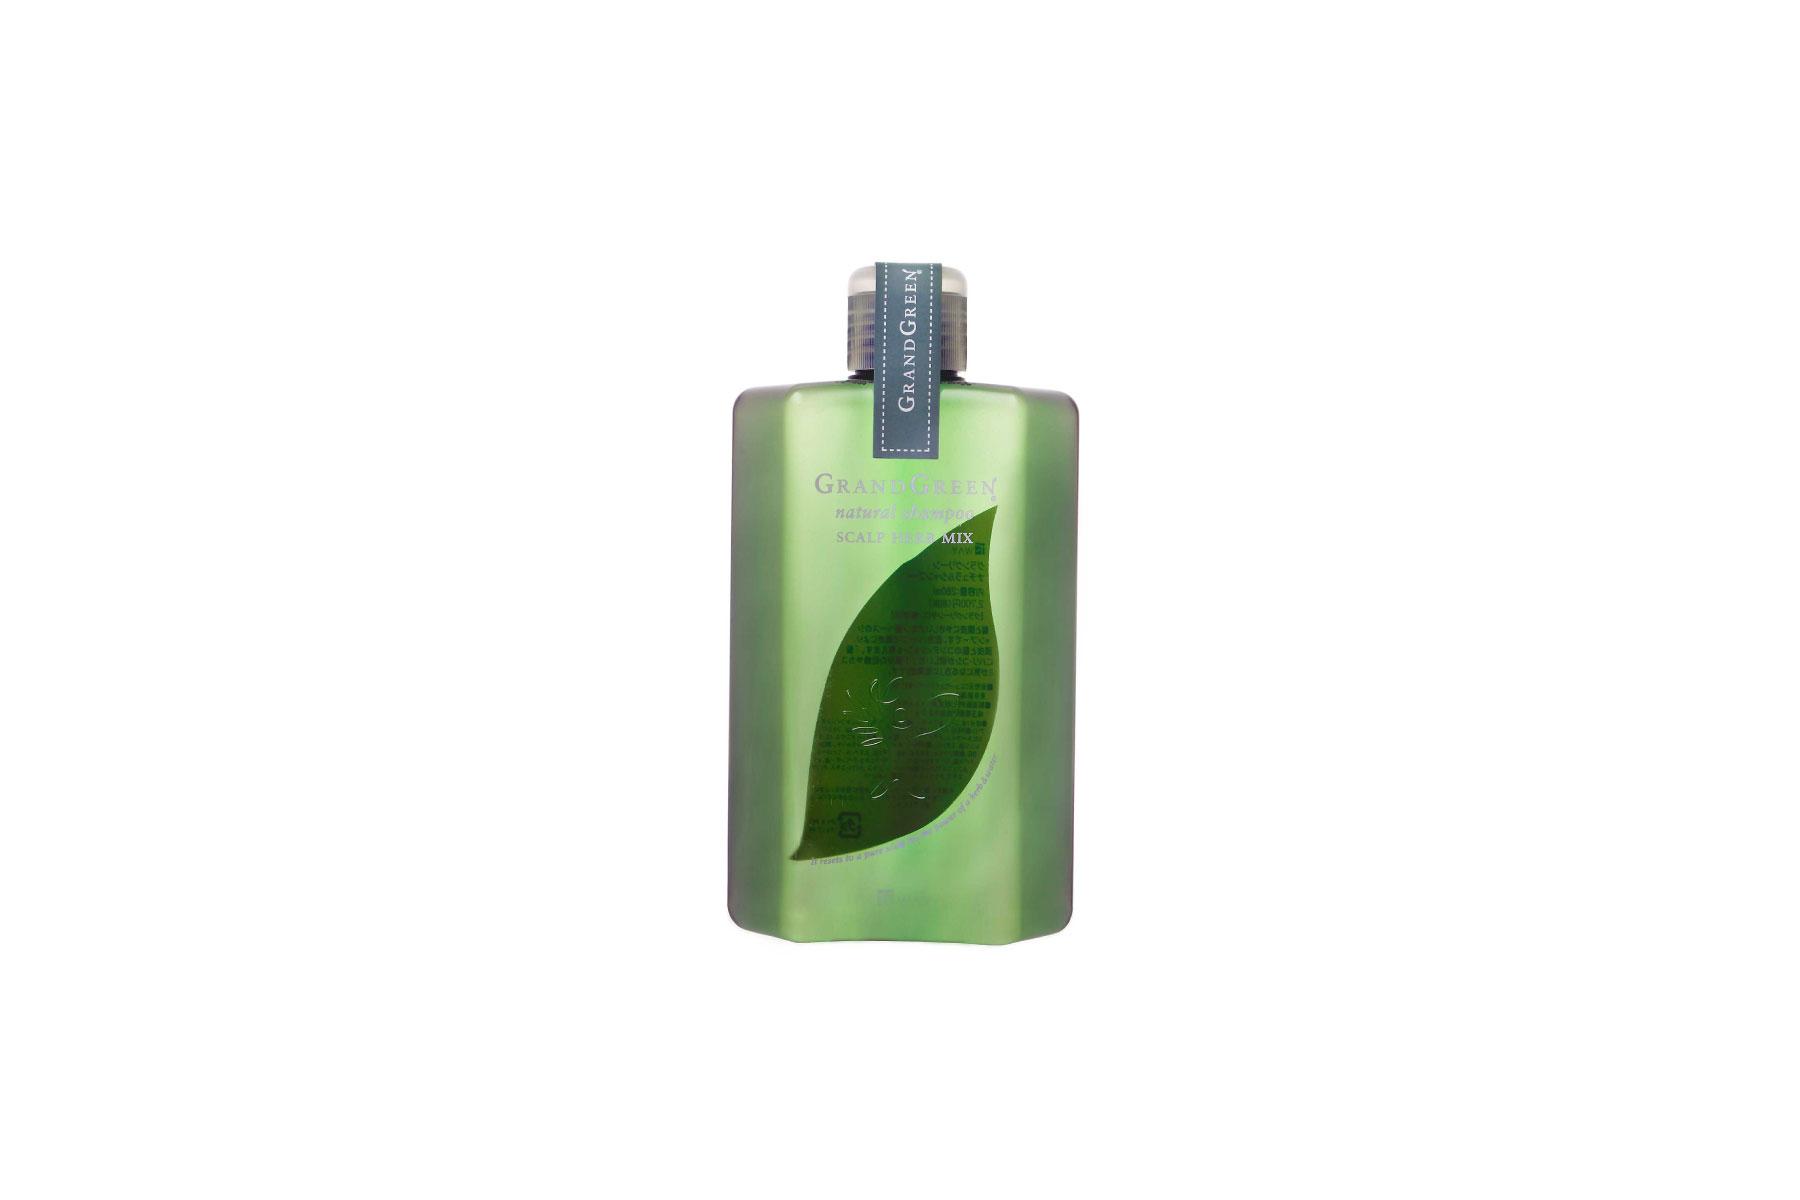 ナチュラルシャンプー グラングリーン (grand green) 画像